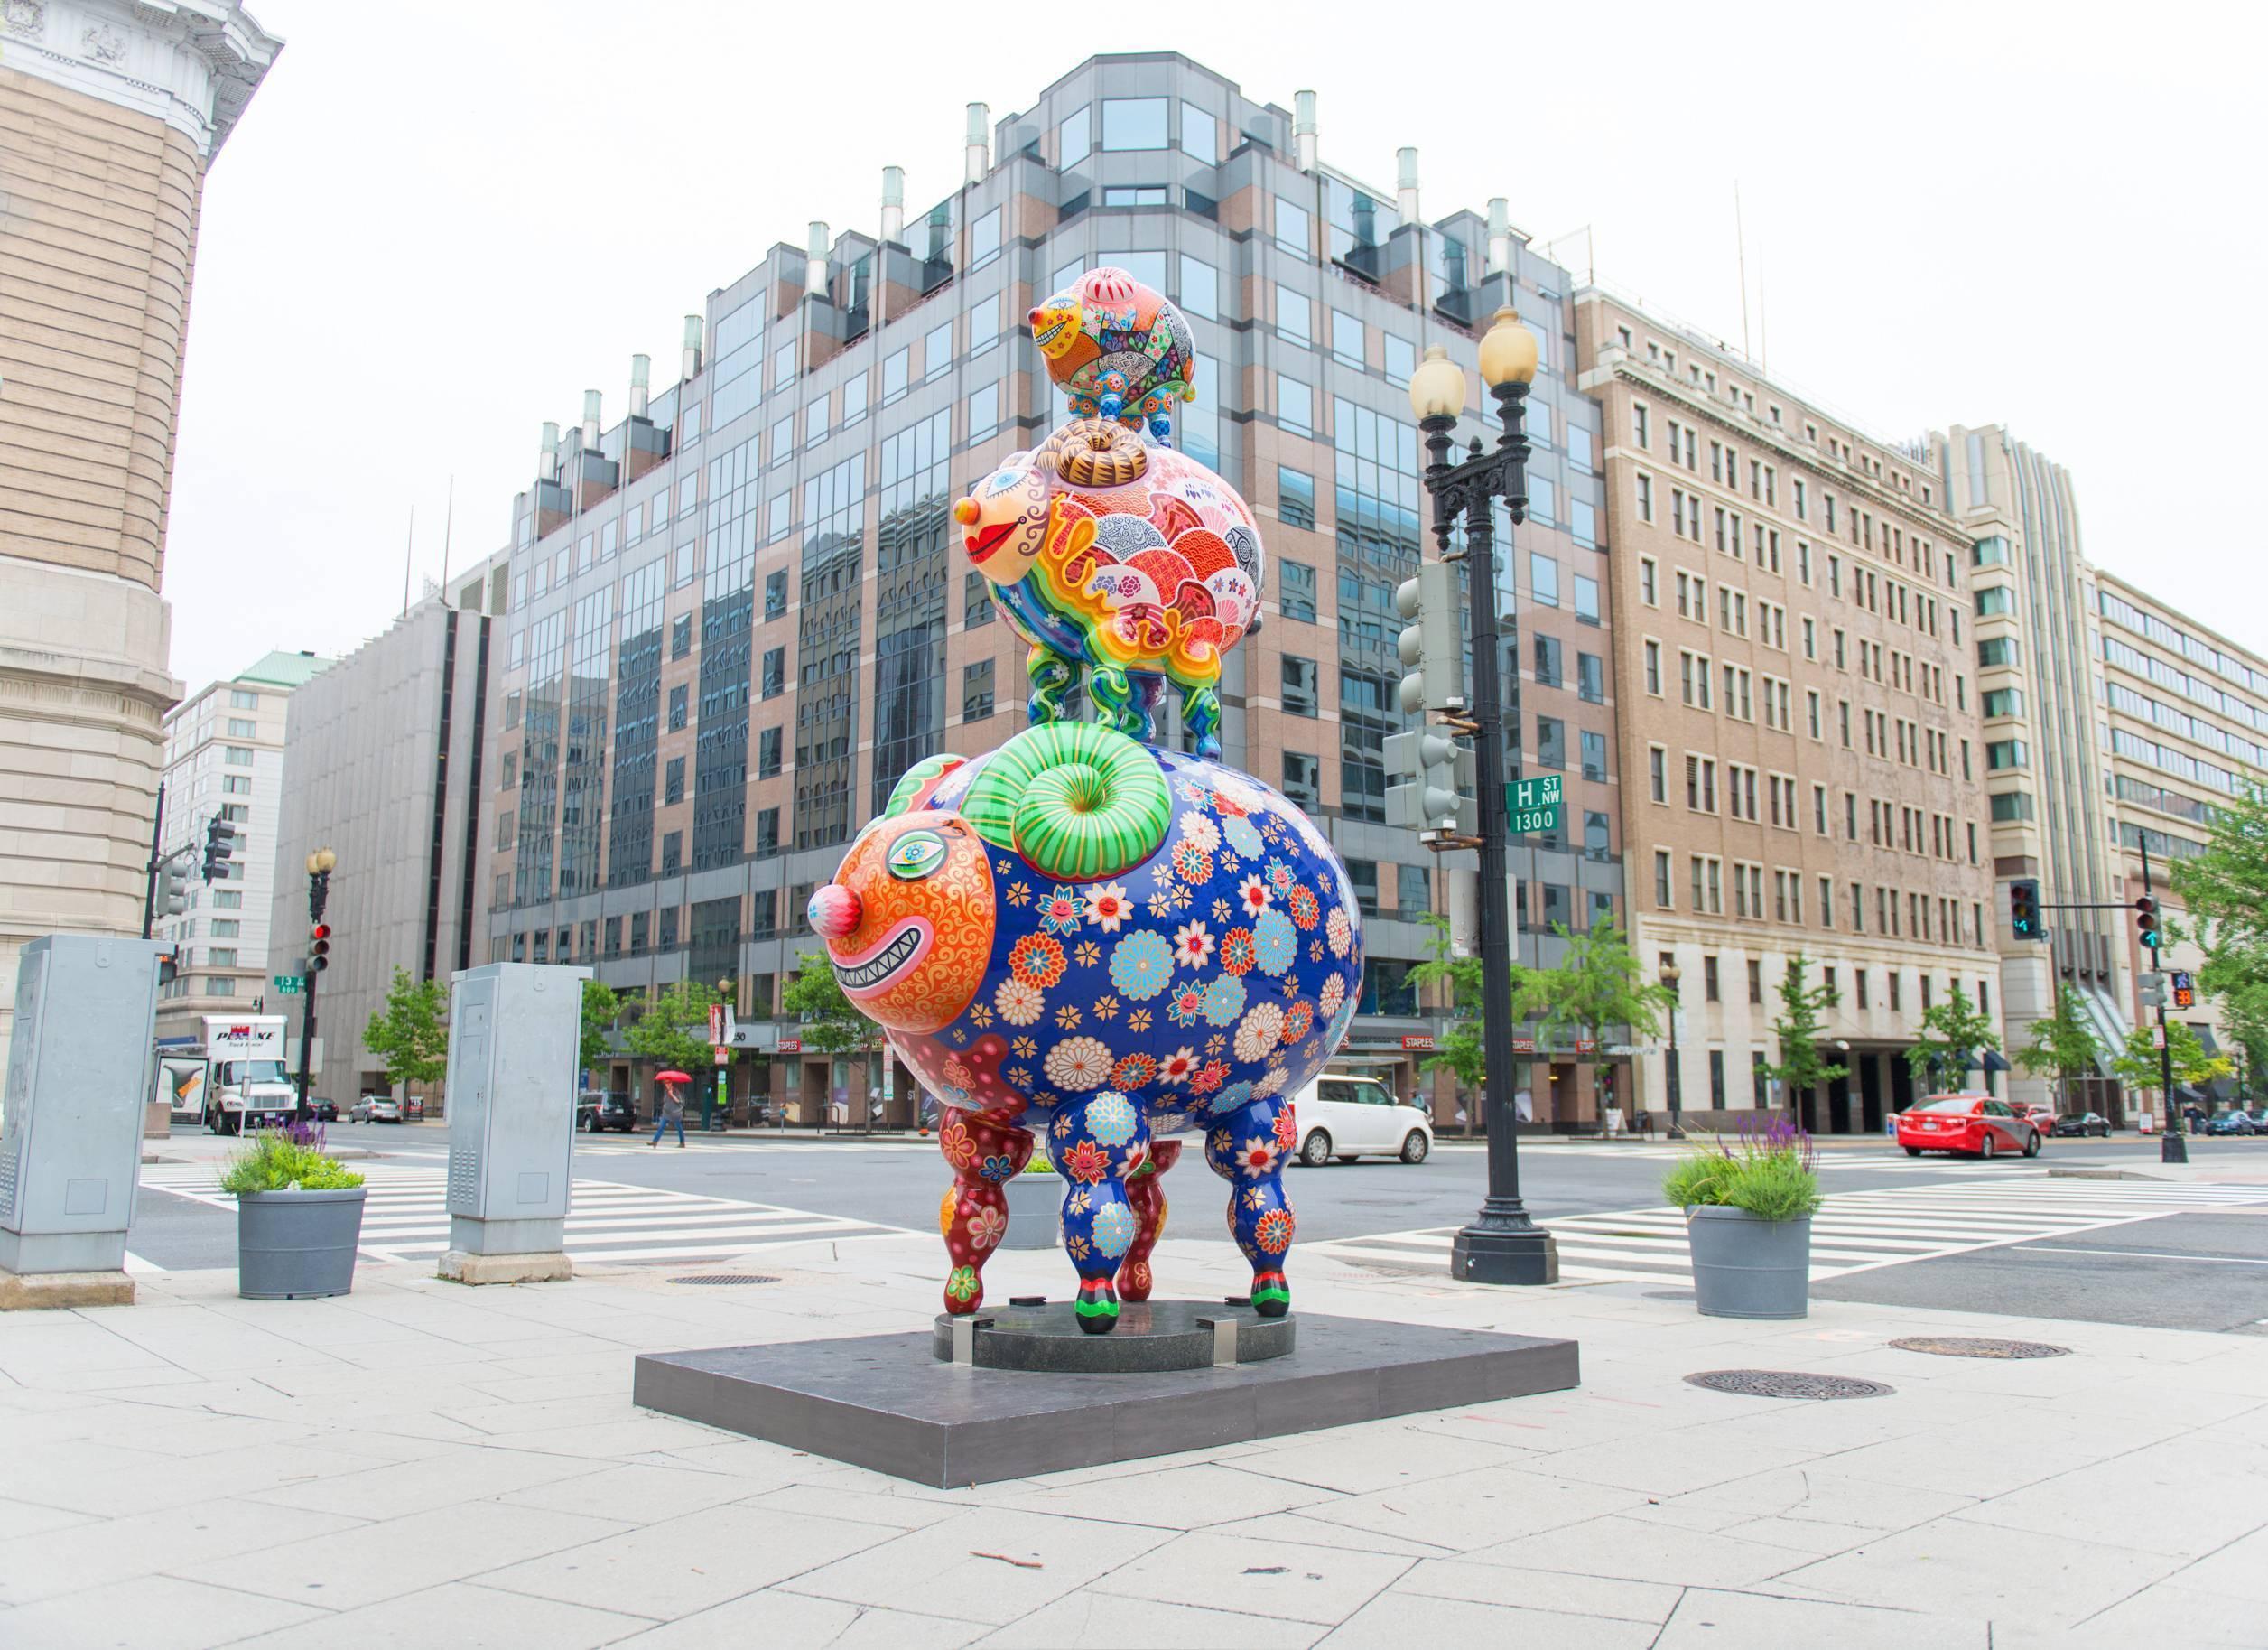 洪易的彩繪雕塑佇立在華盛頓DC 城市中心,與建築相互呼應。 洪易|三羊開泰|鋼板彩繪|284x172x454cm